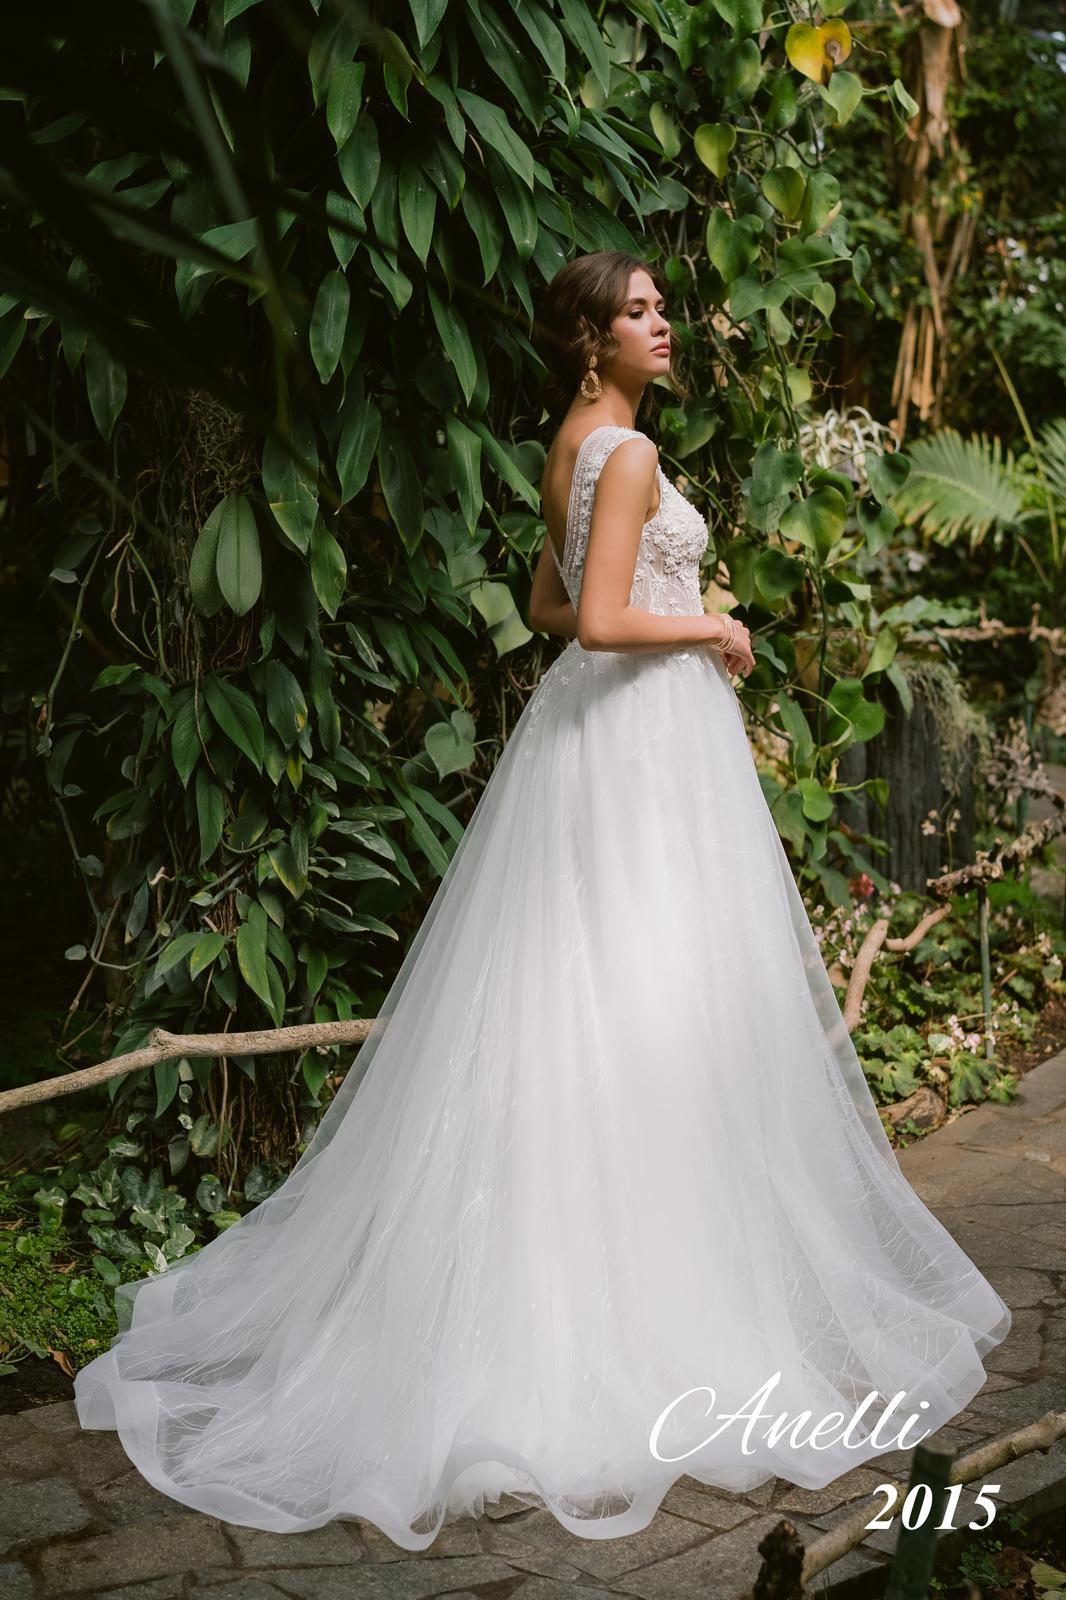 Svadobné šaty - Breeze 2015 - Obrázok č. 3